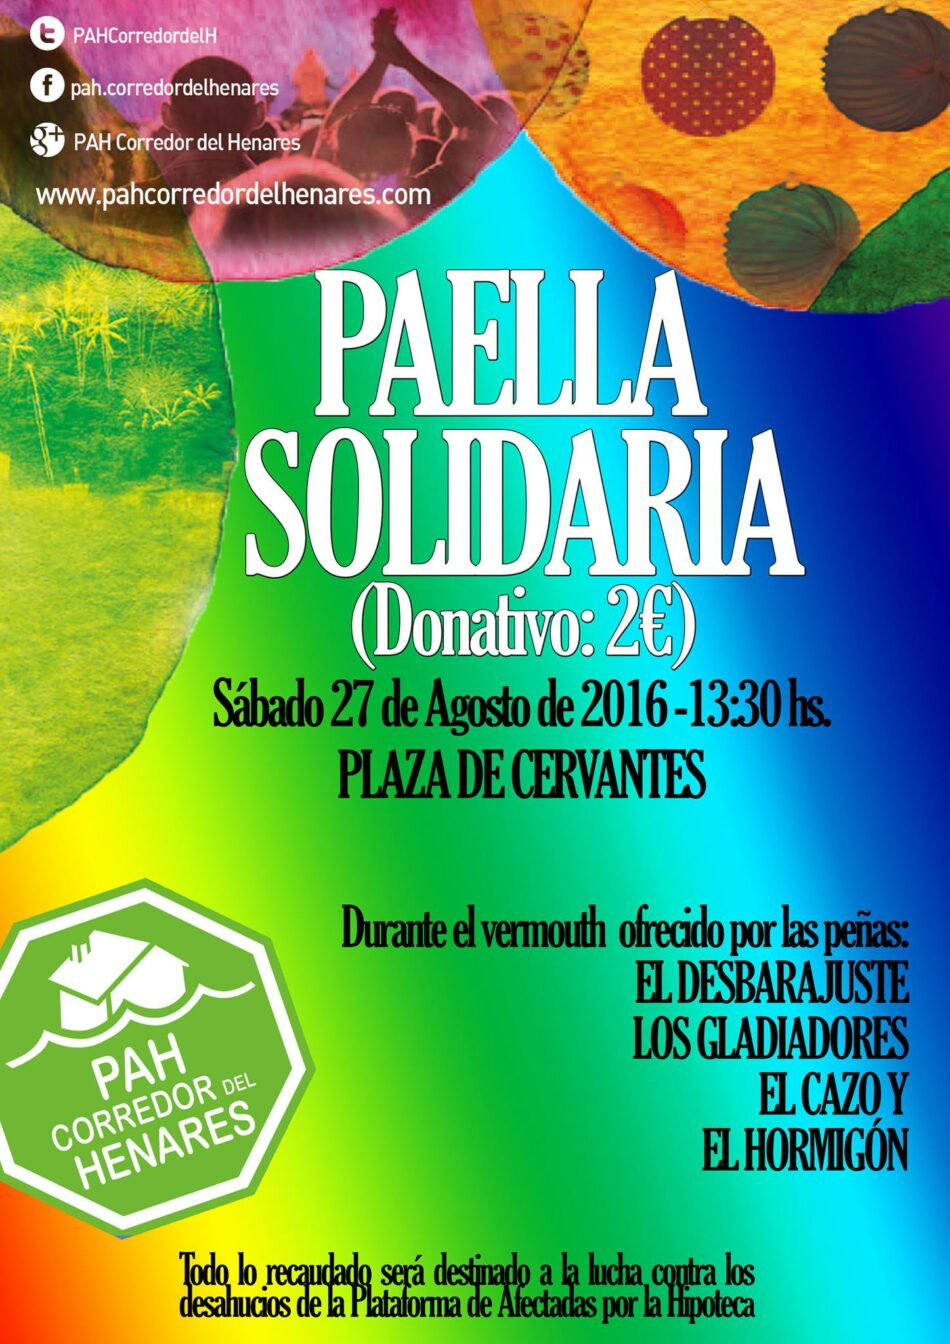 La PAH Corredor del Henares ofrecerá este sábado una paella en el vermut de ferias de las Peñas